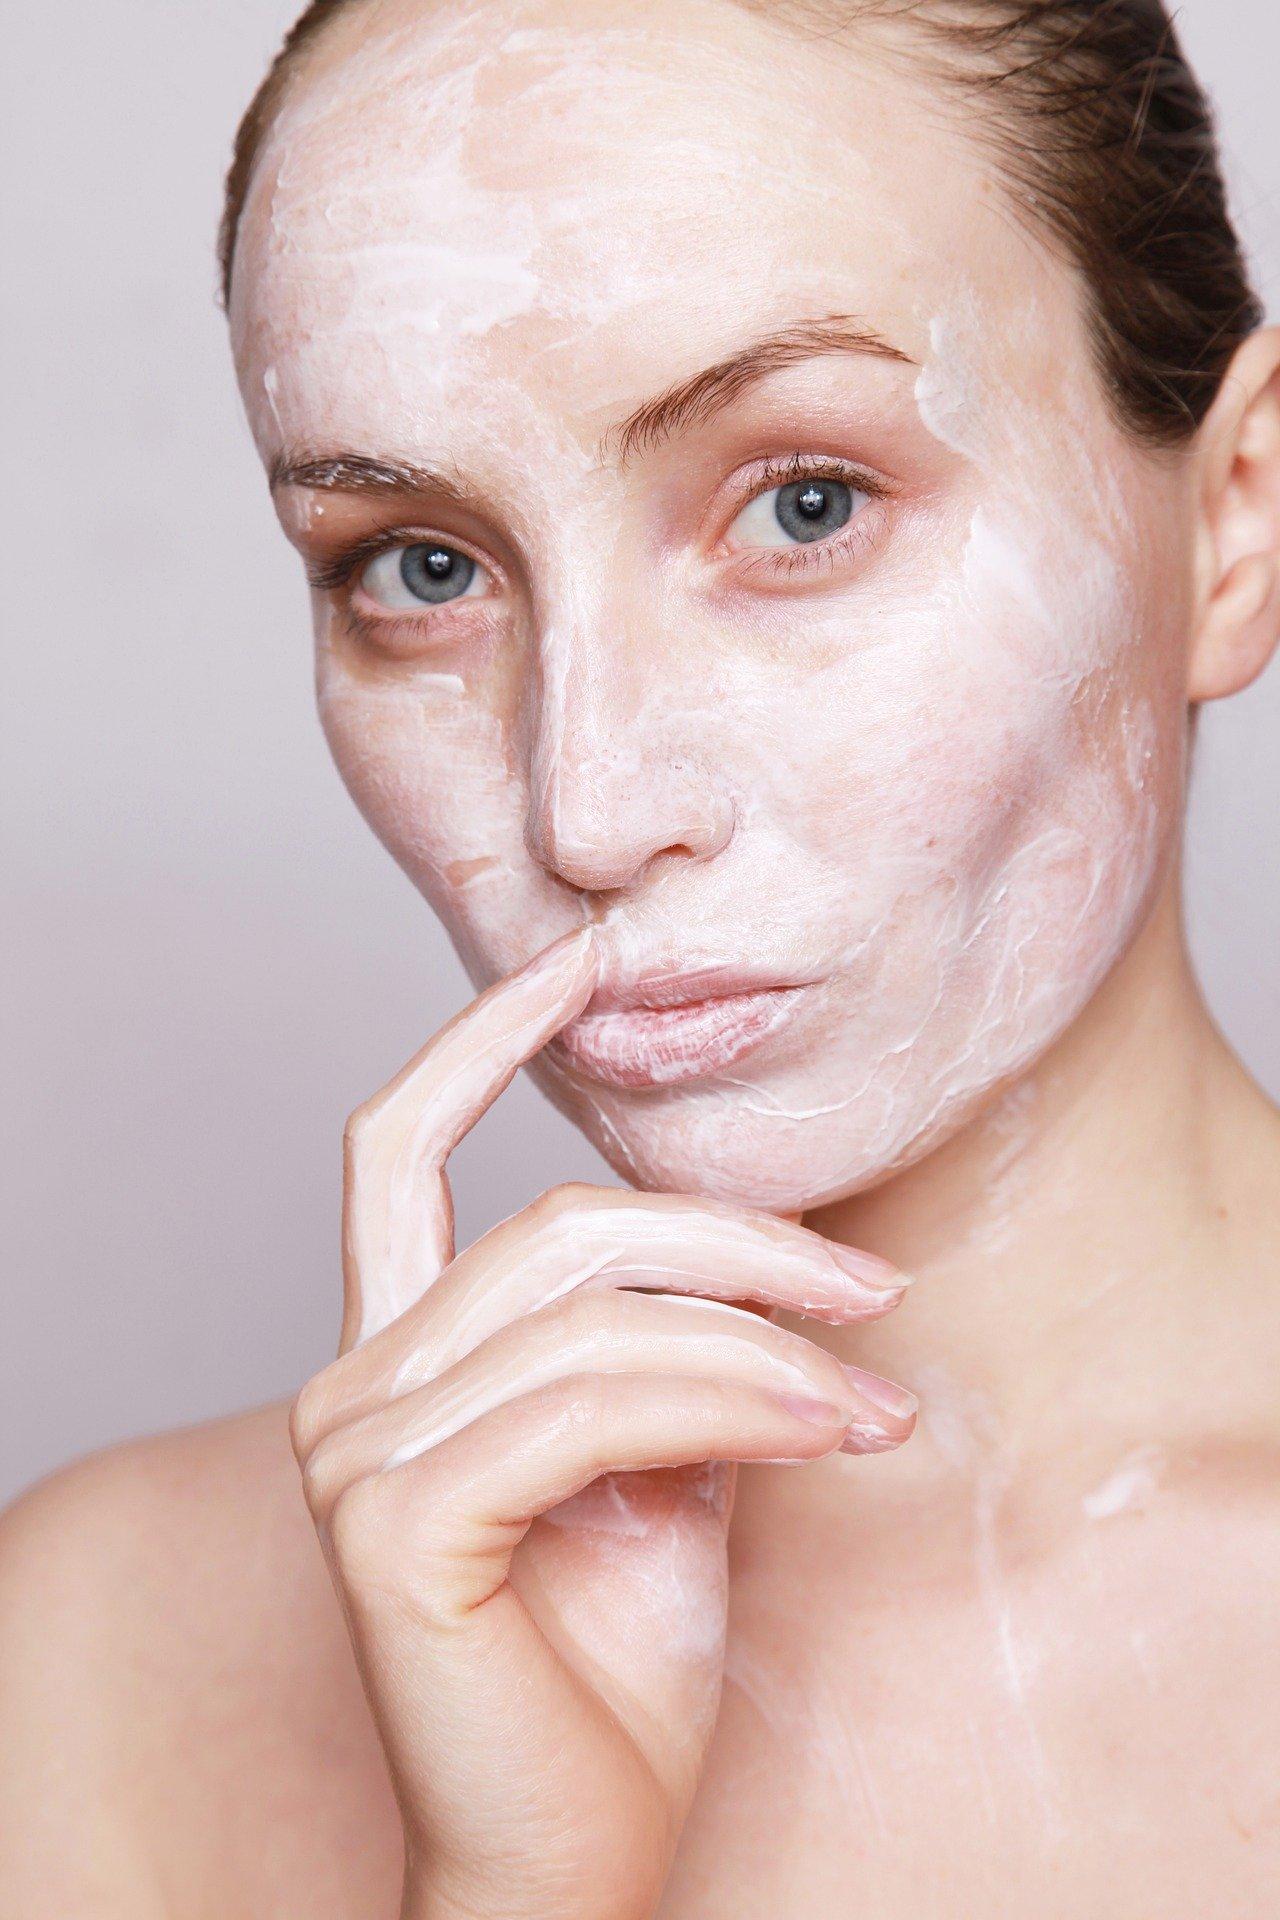 Quelques conseils pour prendre soin de son visage